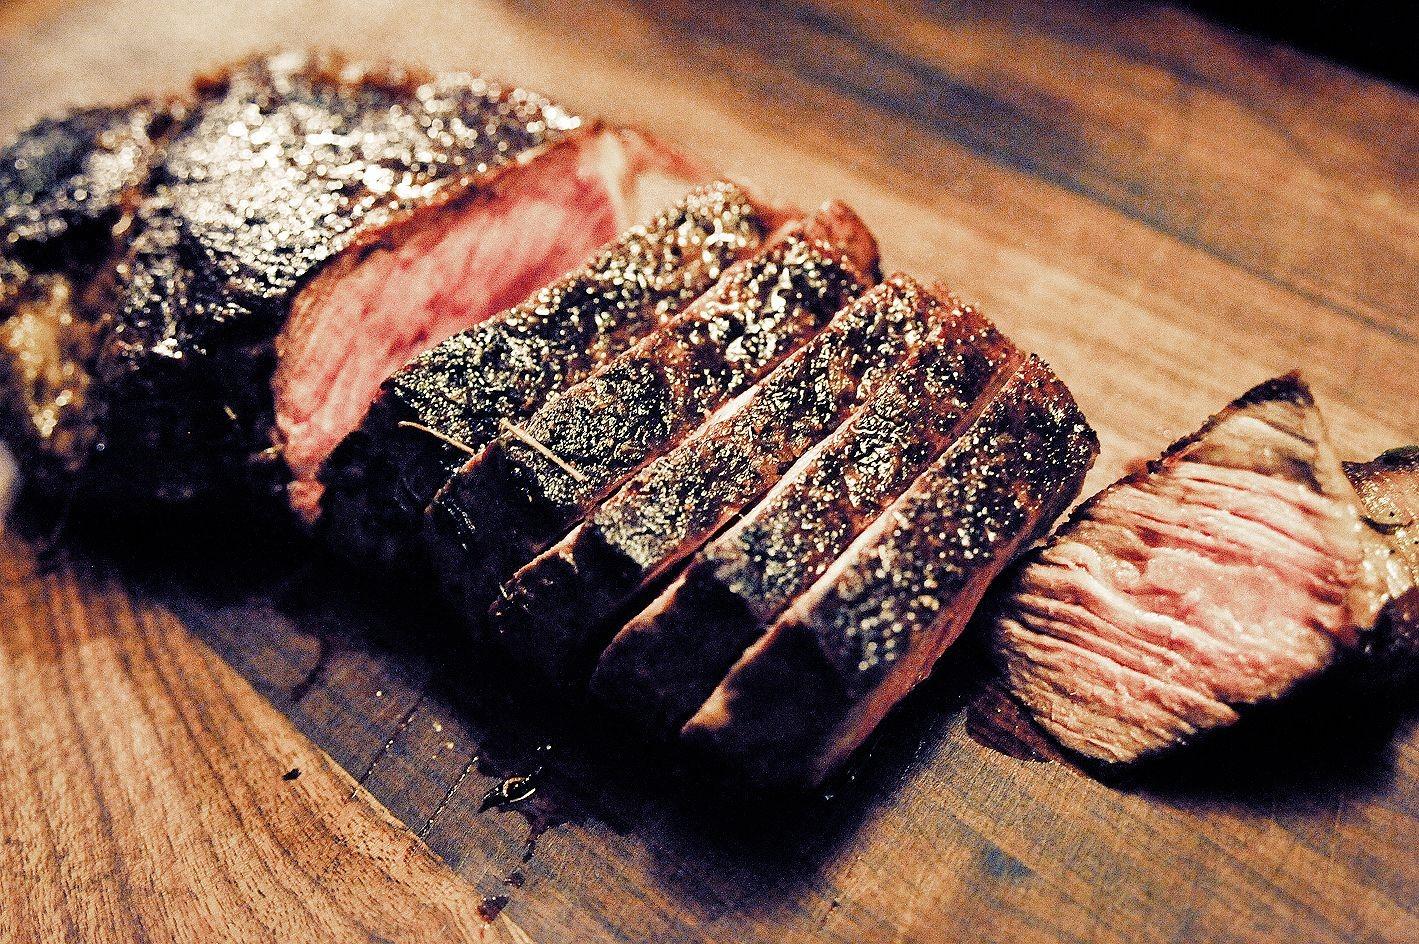 Жареная говядина на сковороде с луком – рецепт мягкого и вкусного мяса в соевом соусе